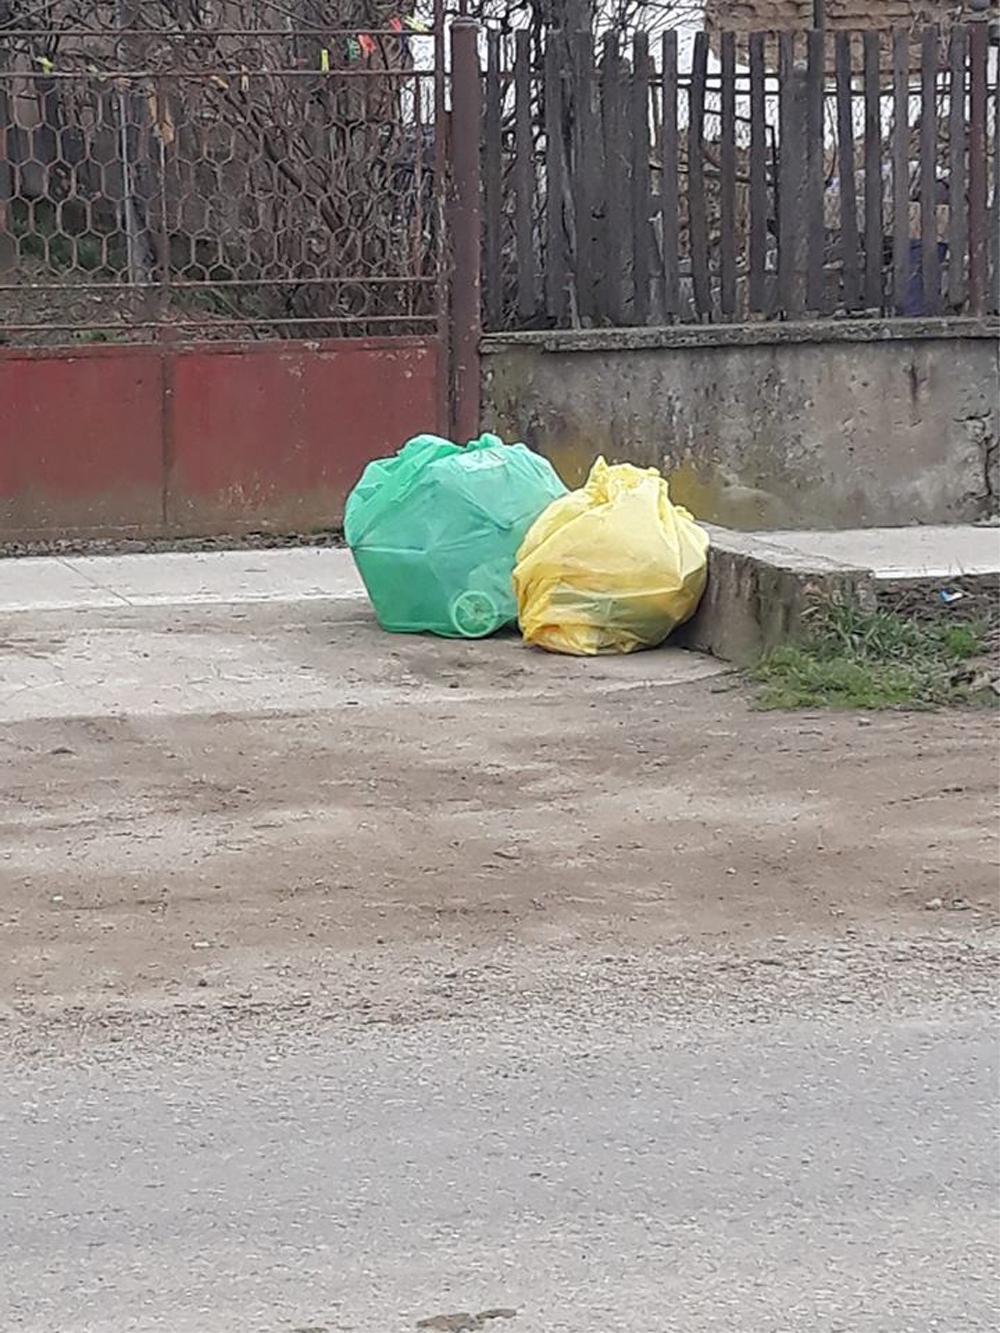 Tulcenii au colectat selectiv: 37 de tone de deşeuri reciclabile, ridicate luna trecută